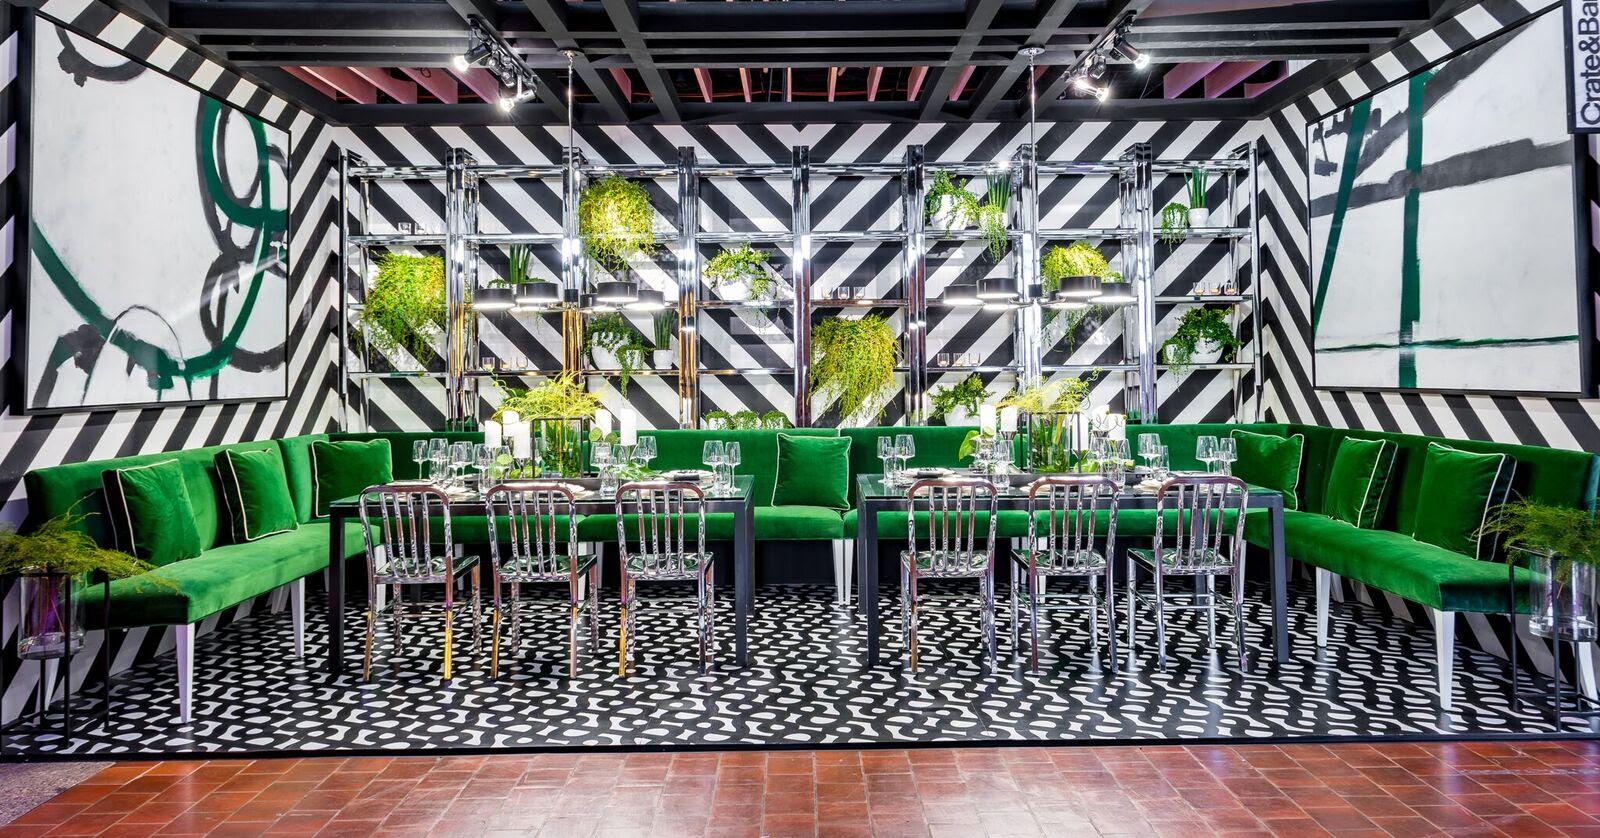 Diffa Dining By Design 2018 Riohamiltoncom